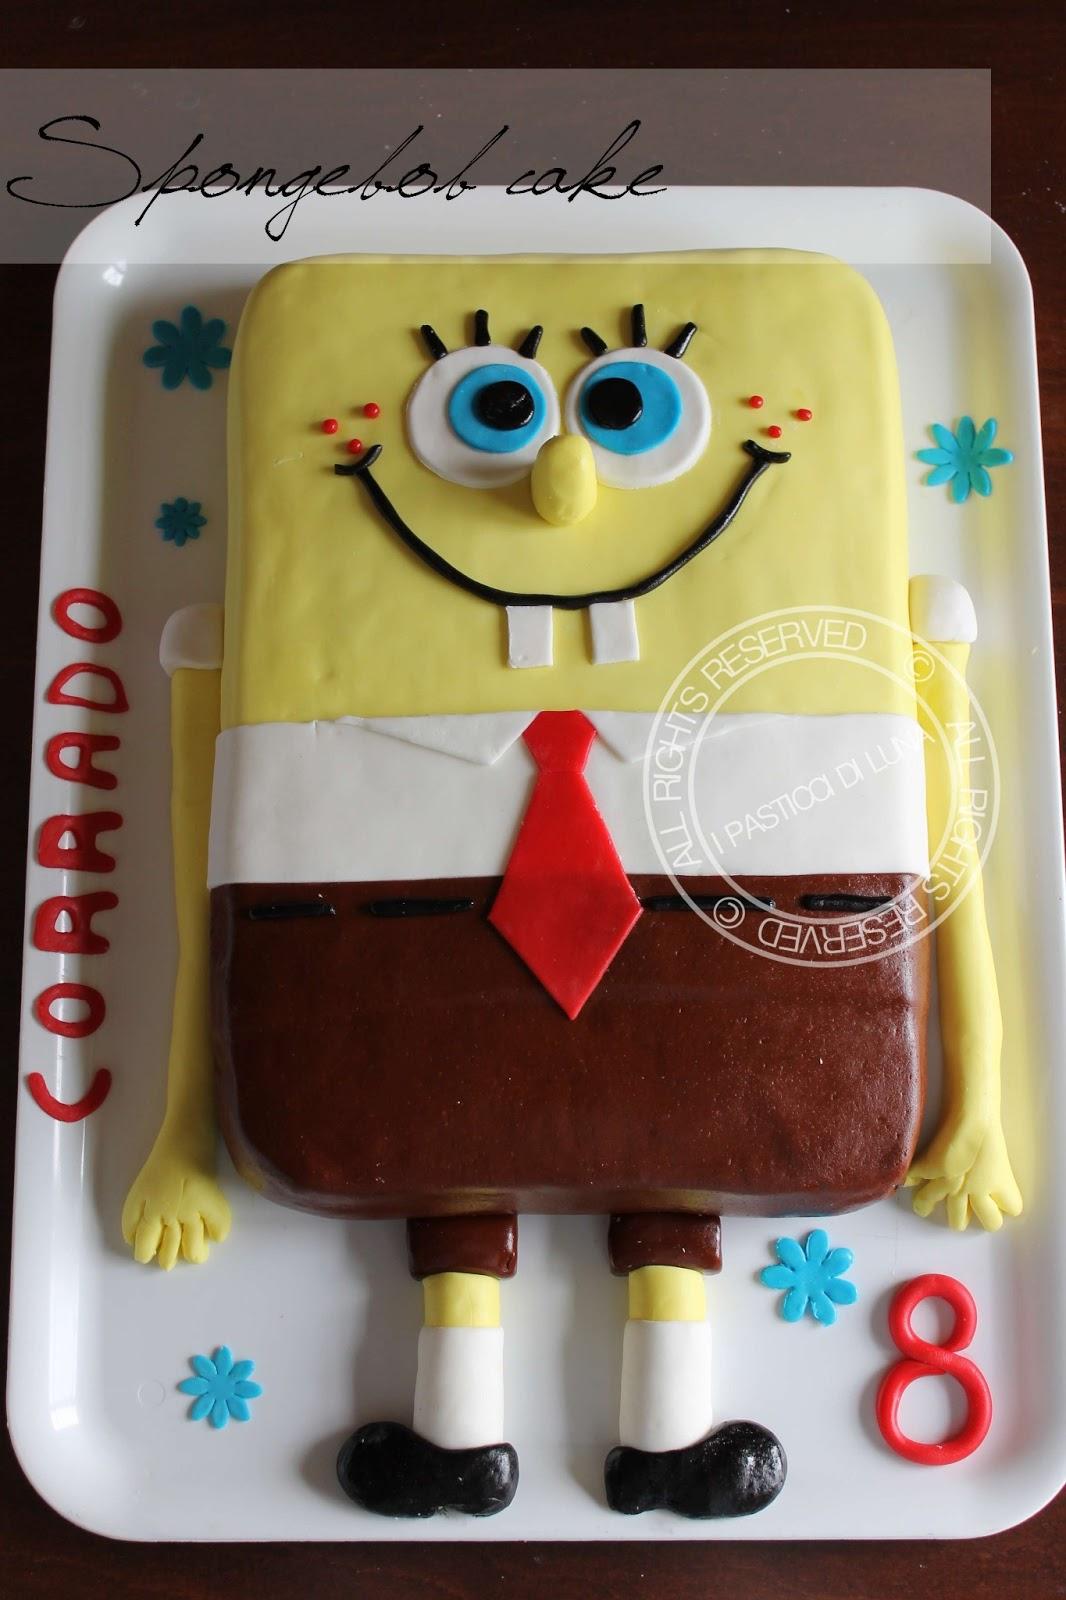 Conosciuto I Pasticci di Luna: Spongebob cake | La torta per compleanno - di  XX31